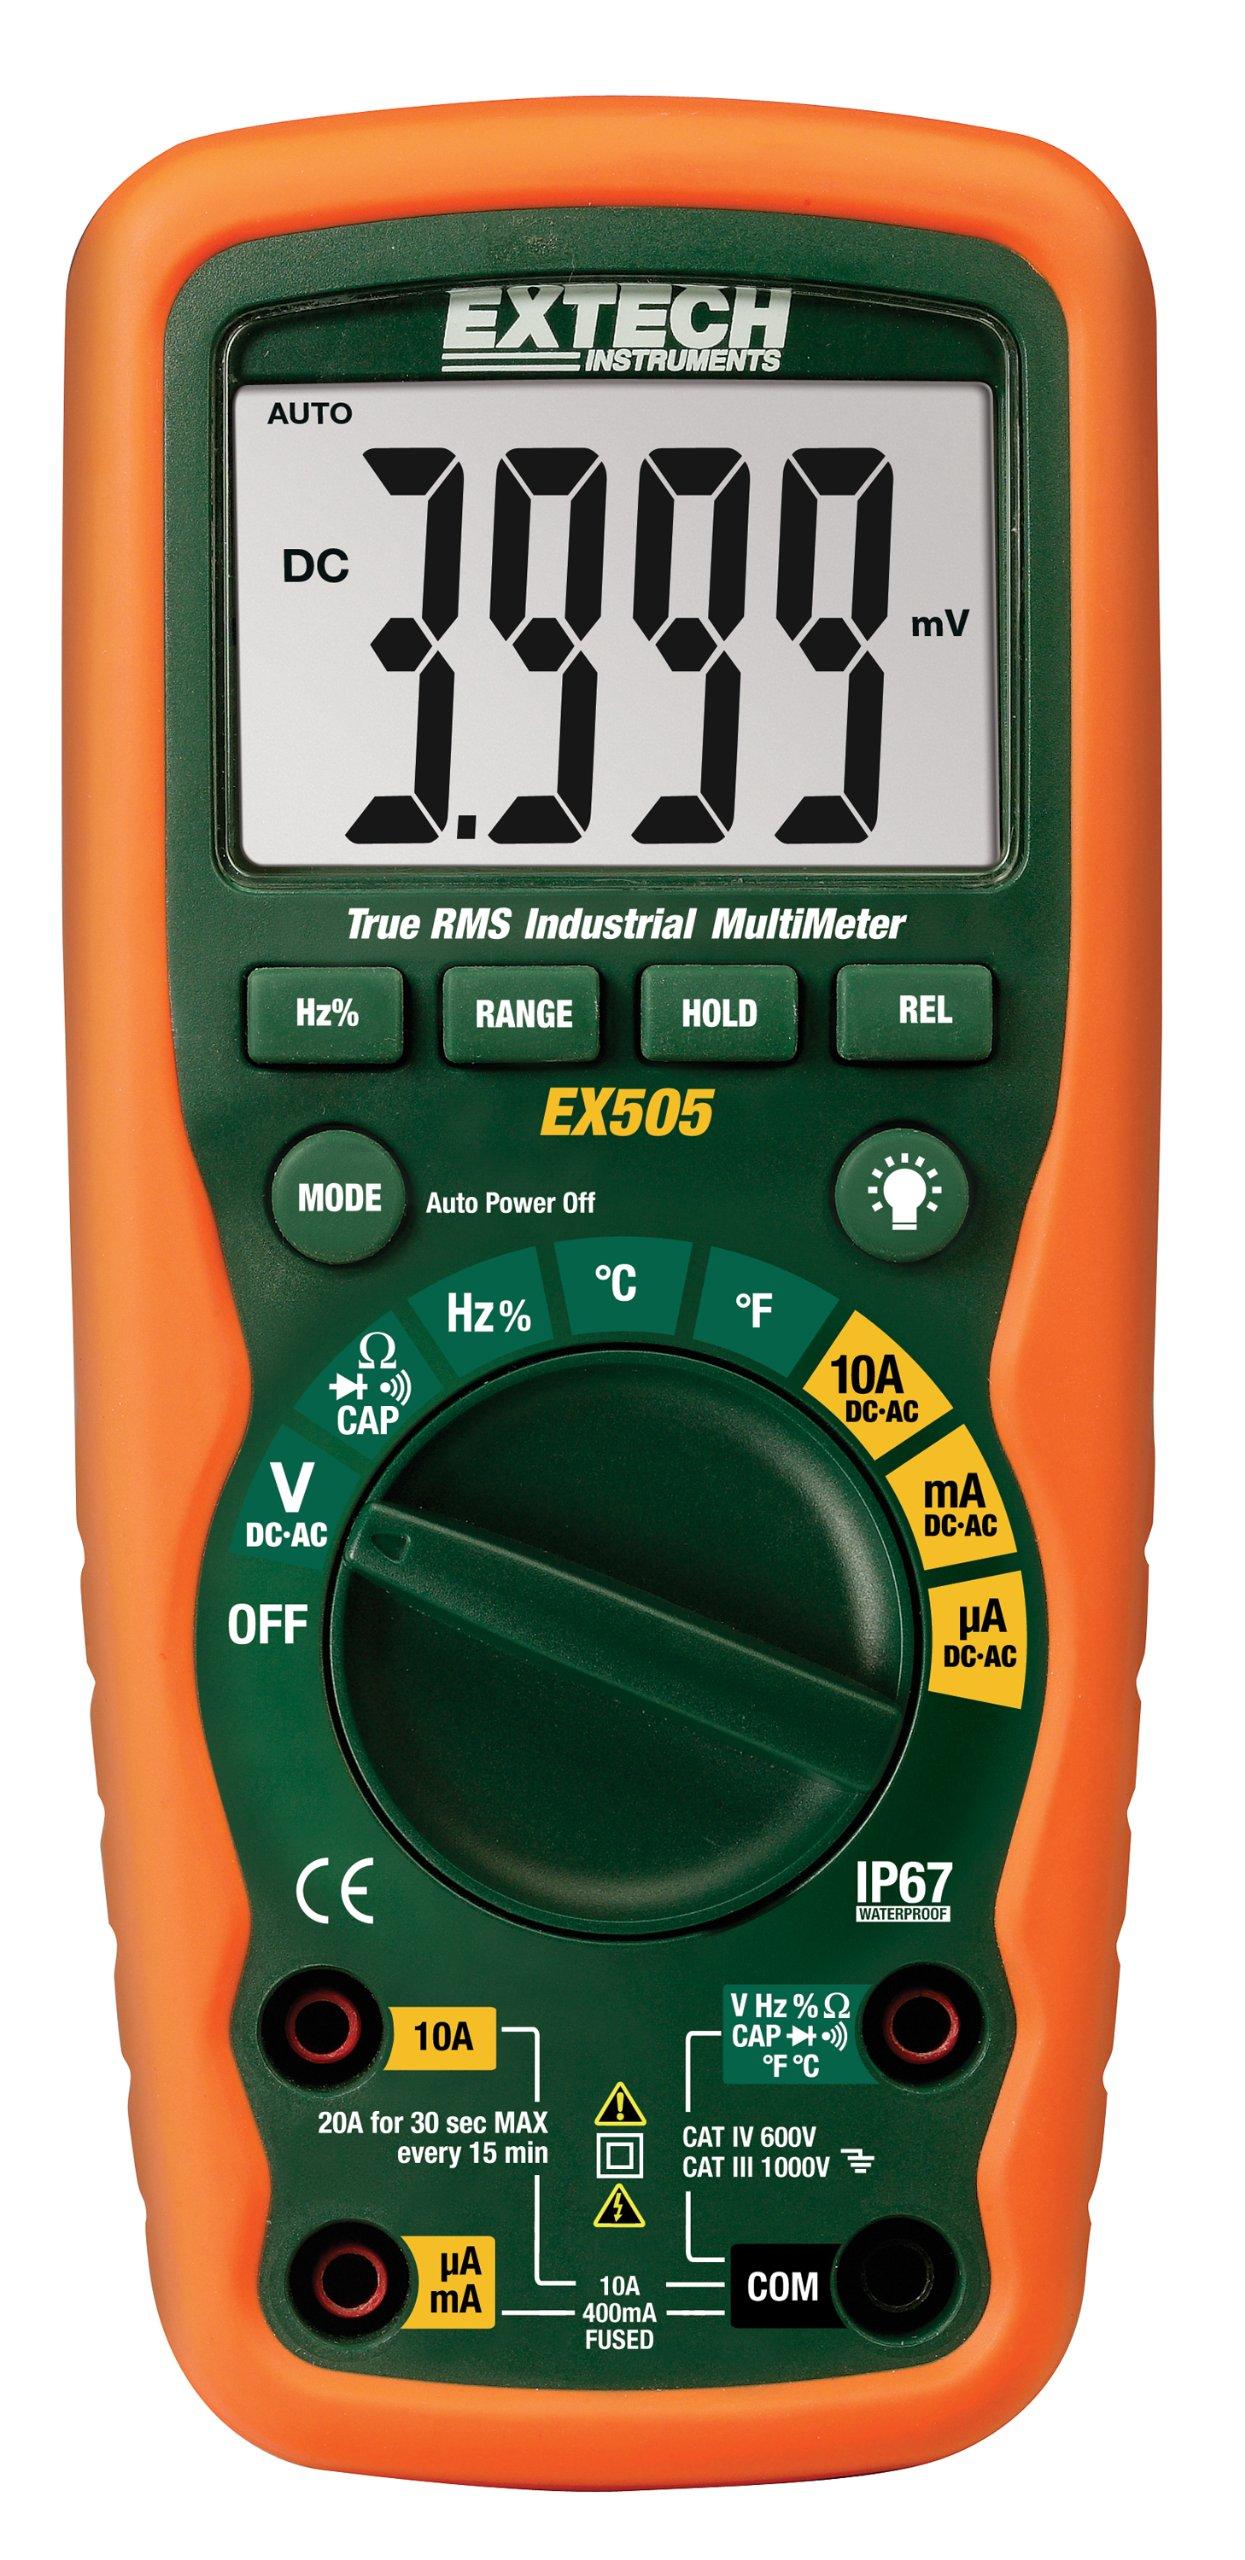 Extech EX505 Industrial MultiMeter Waterproof